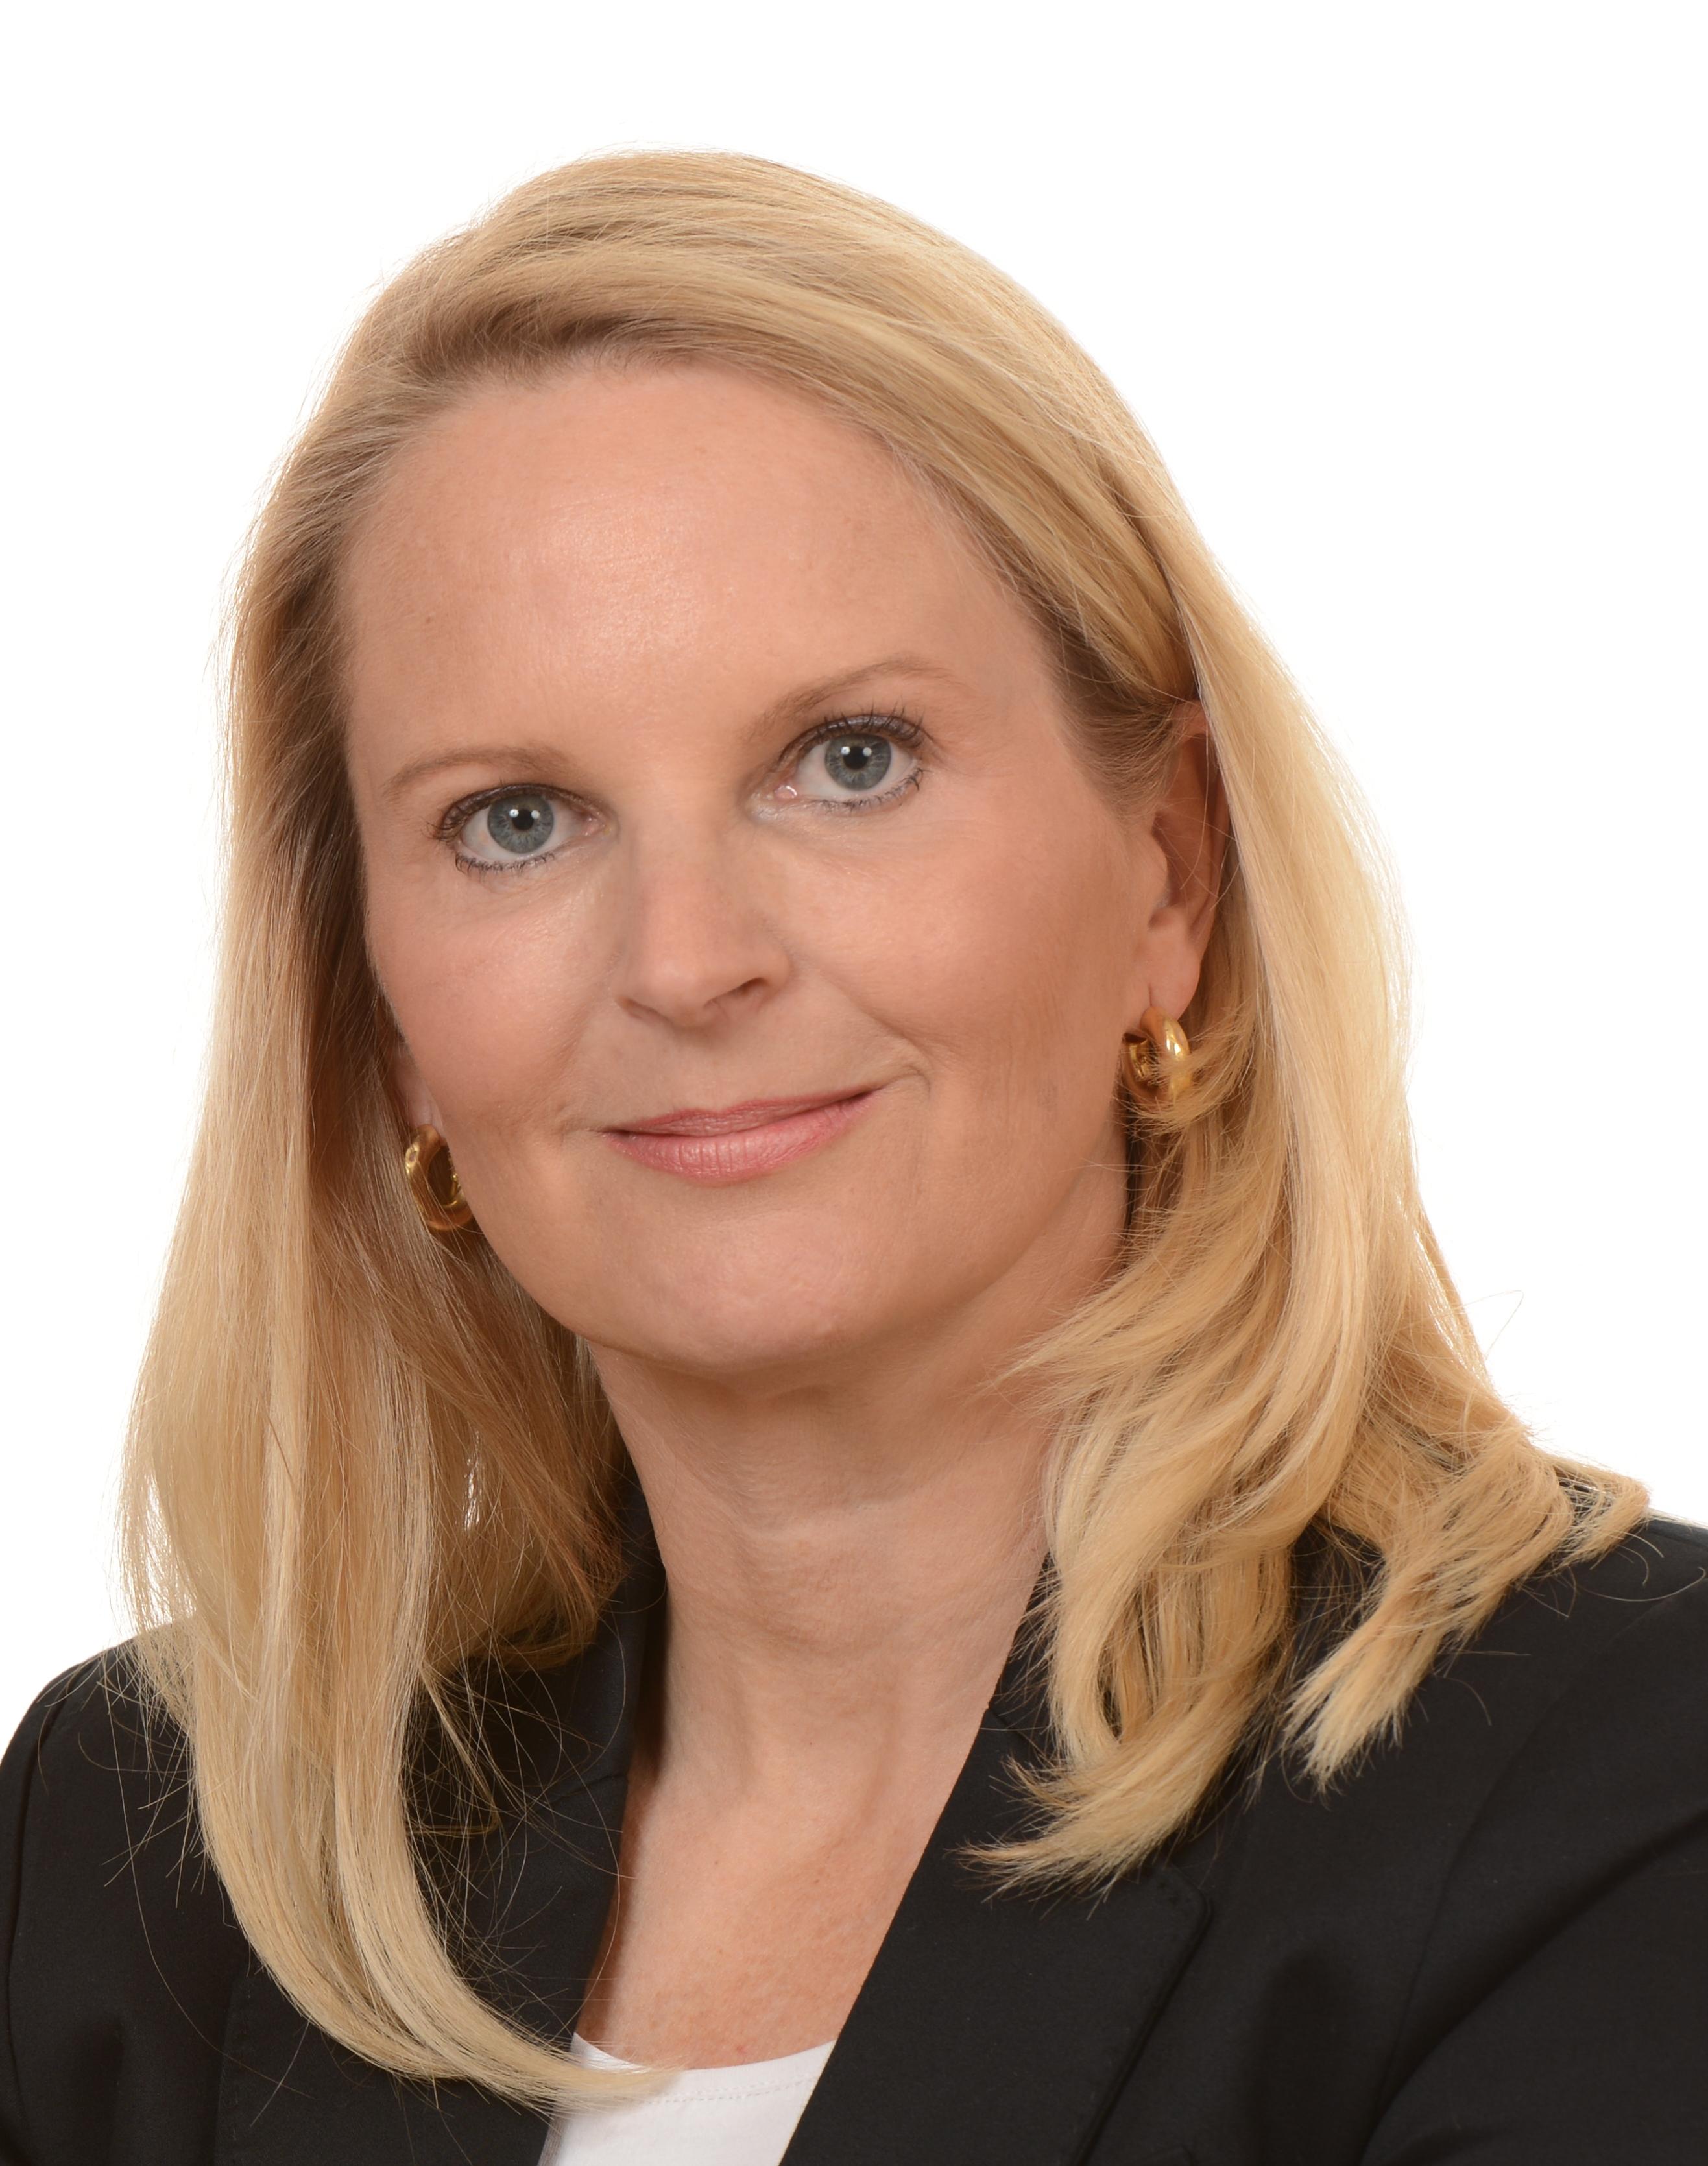 Nicole Barandun